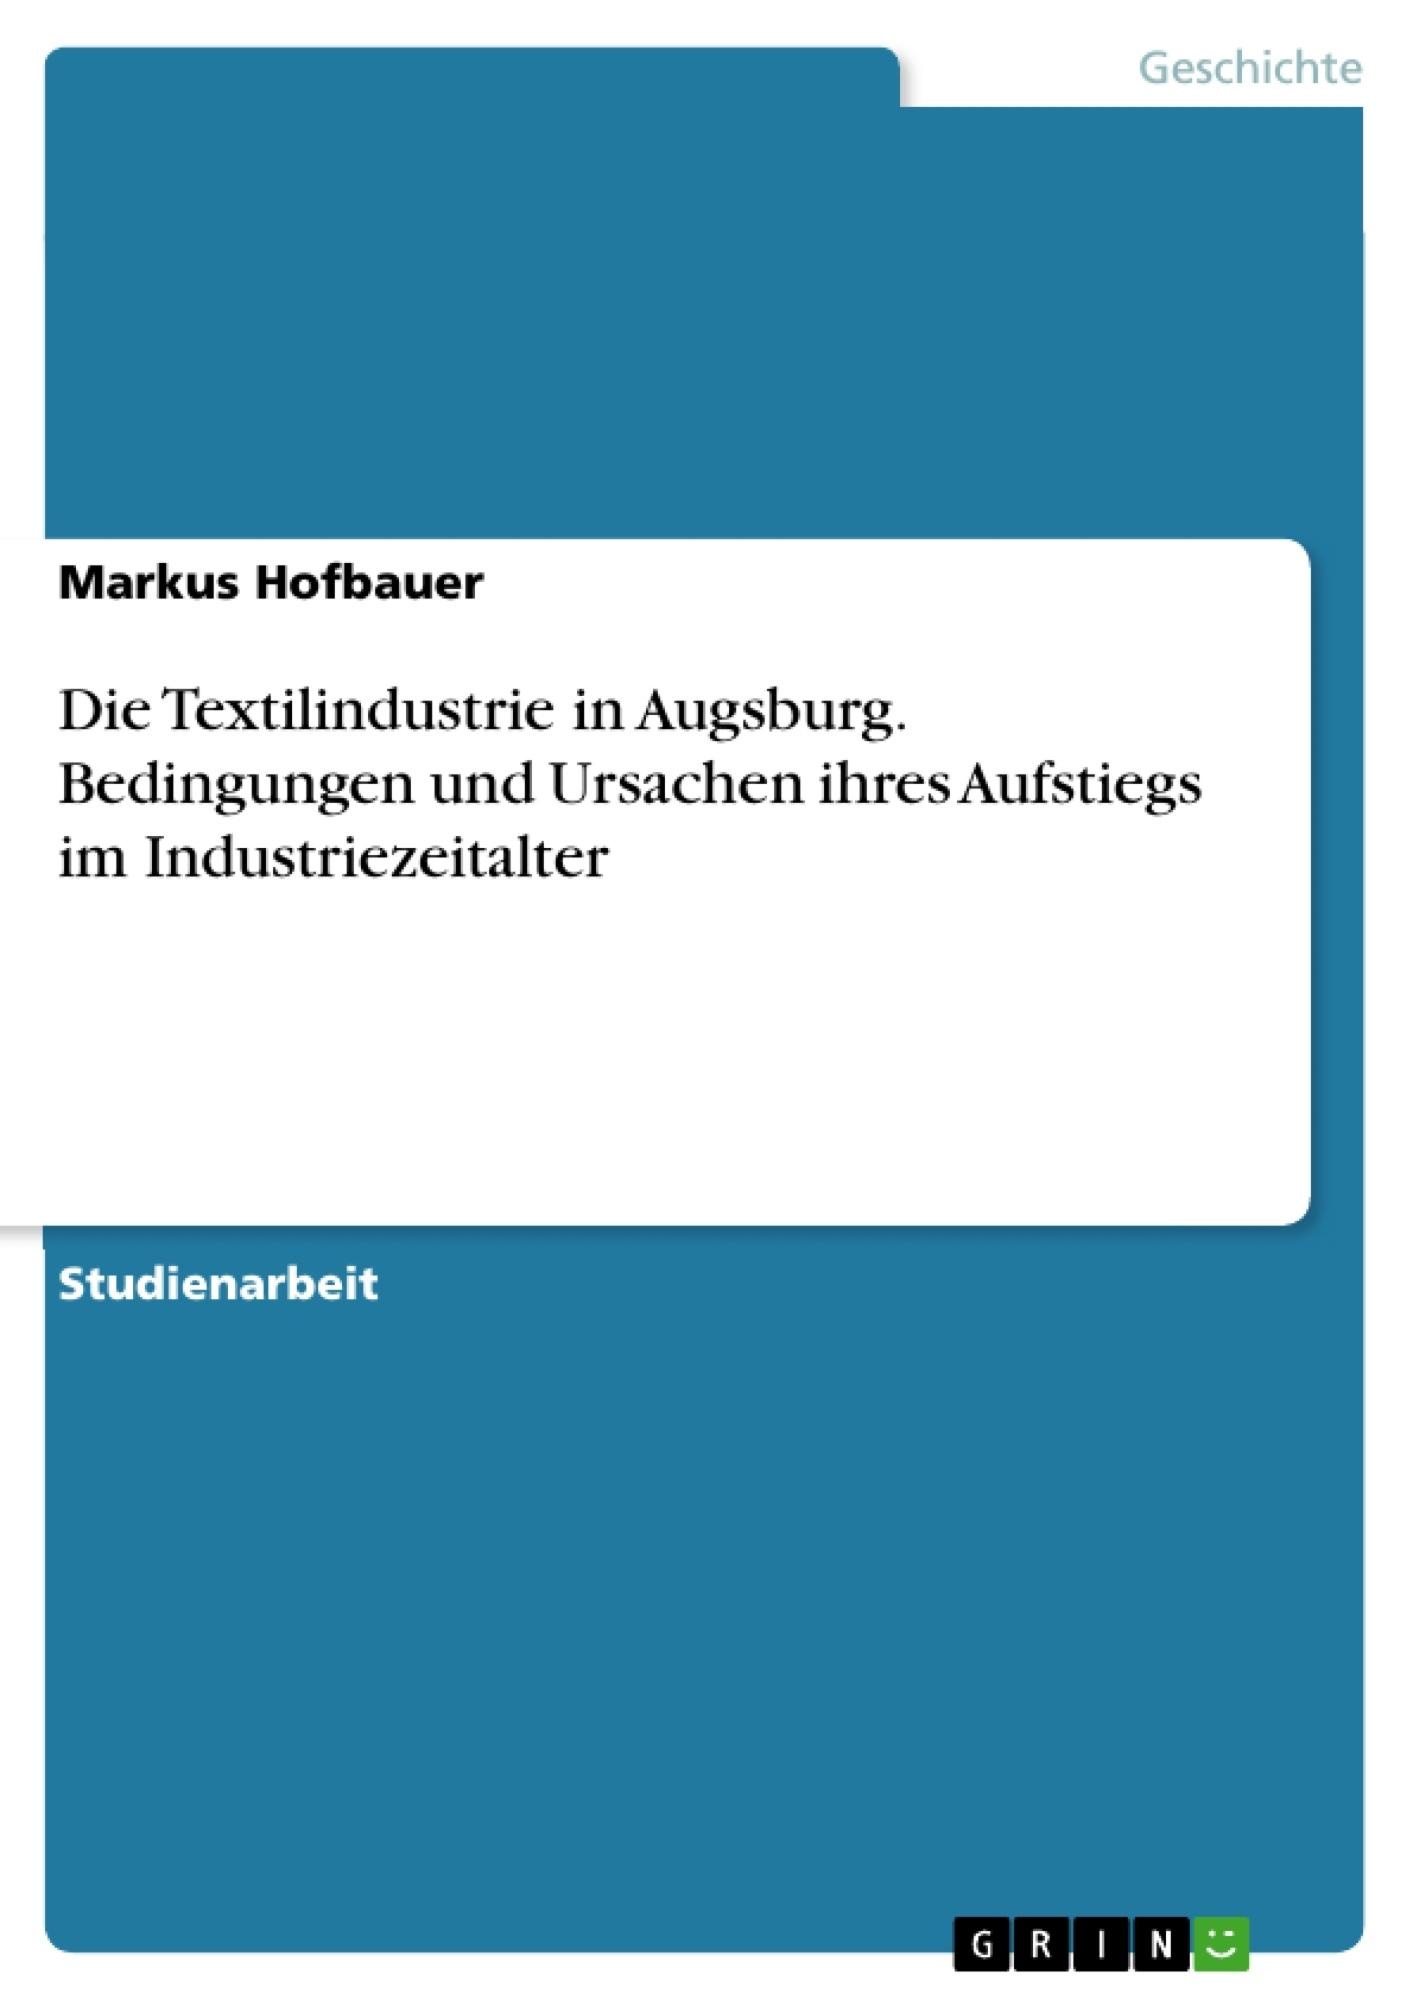 Titel: Die Textilindustrie in Augsburg. Bedingungen und Ursachen ihres Aufstiegs im Industriezeitalter